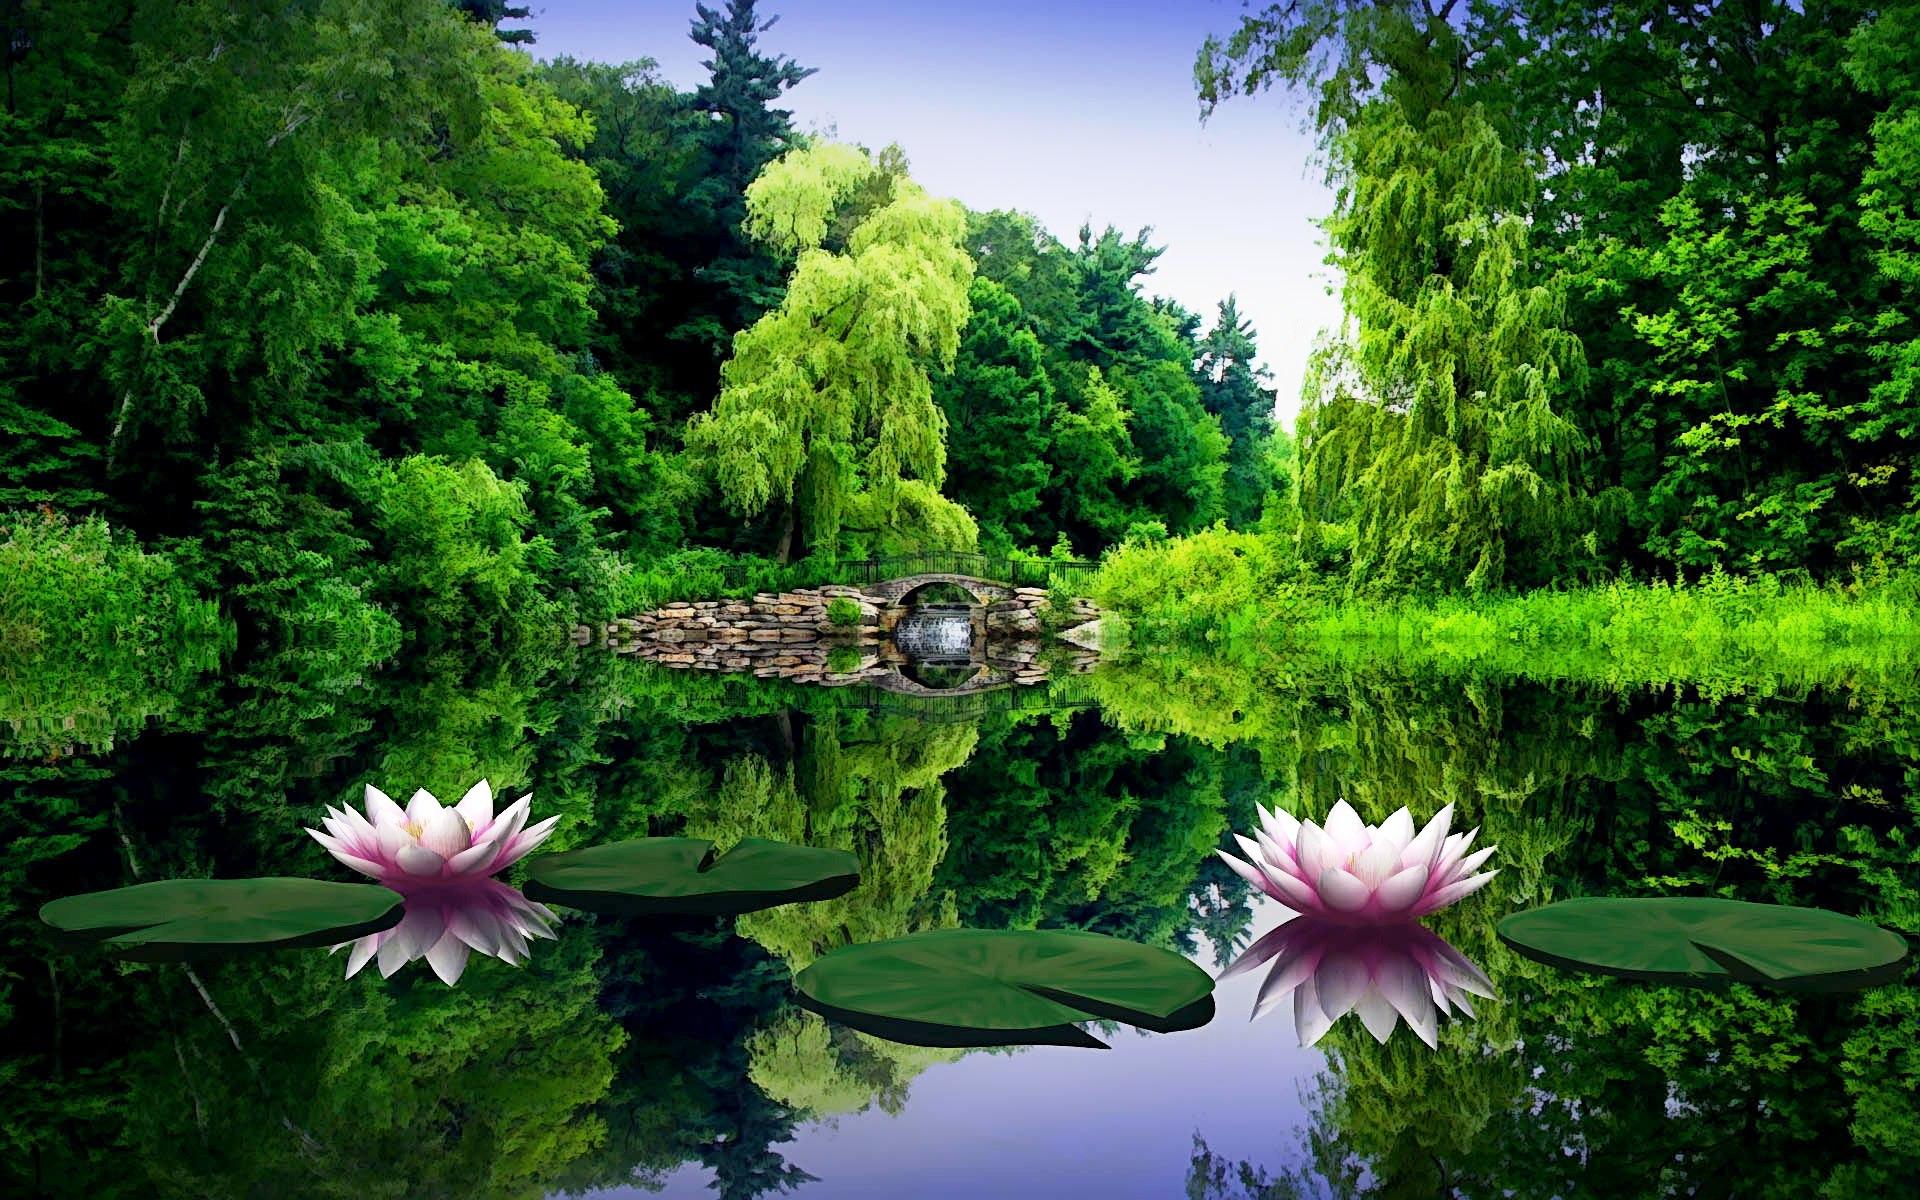 Hoa sen trong khung cảnh thiên nhiên thơ mộng